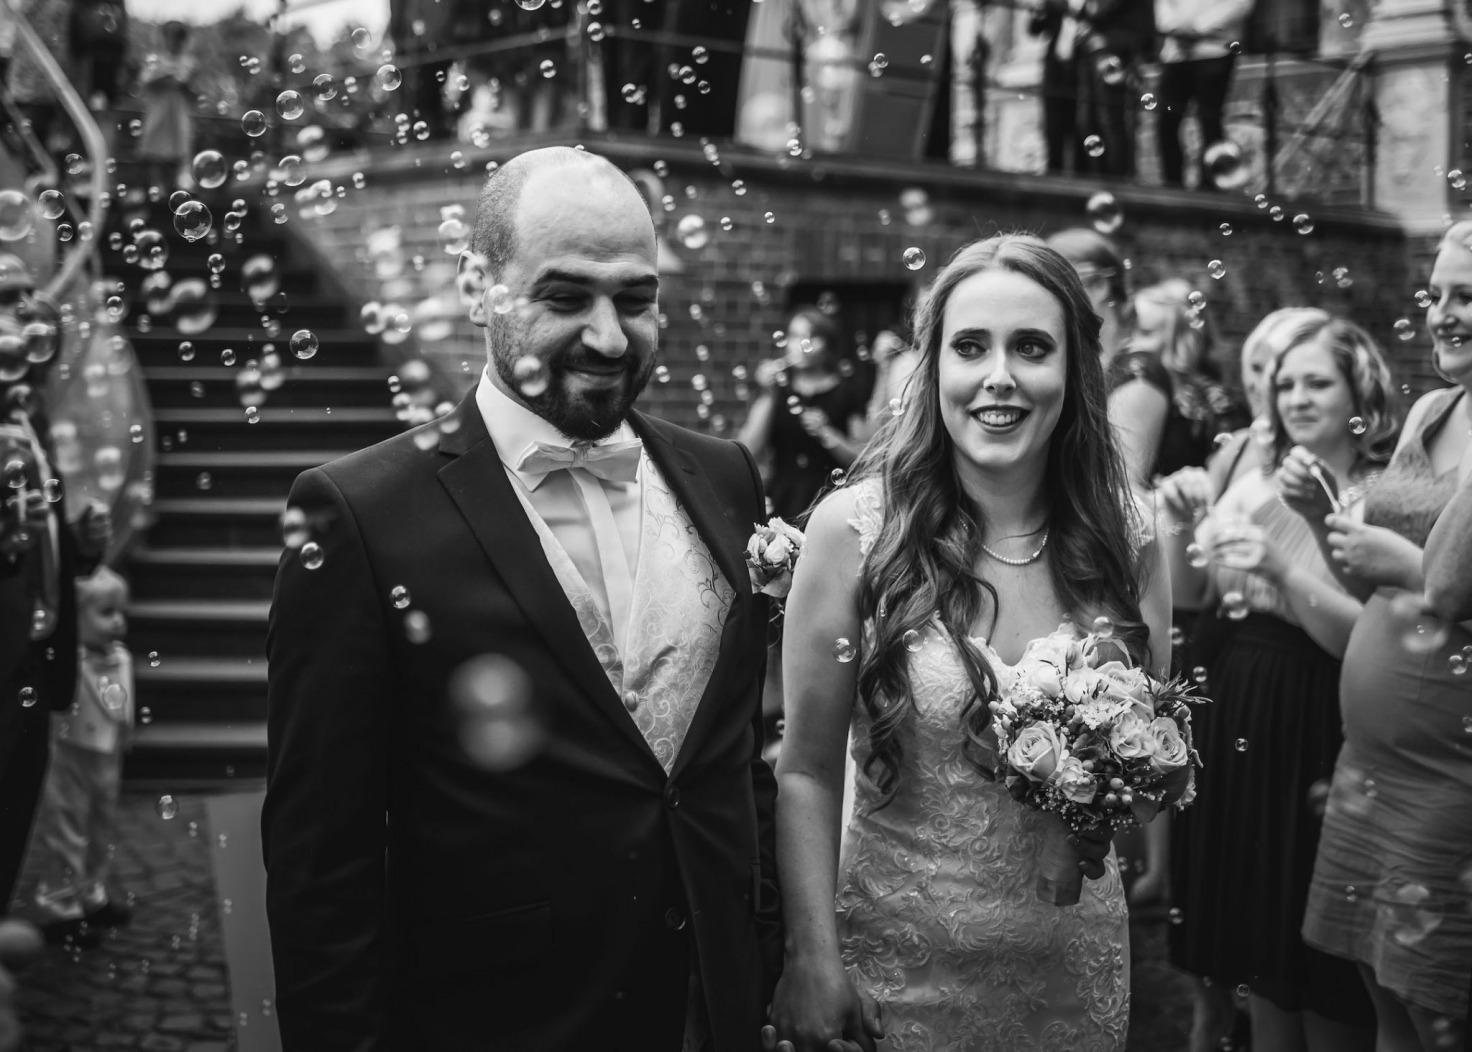 Hochzeitsfotograf Münster - Seifenblasen Schwarz Weiss